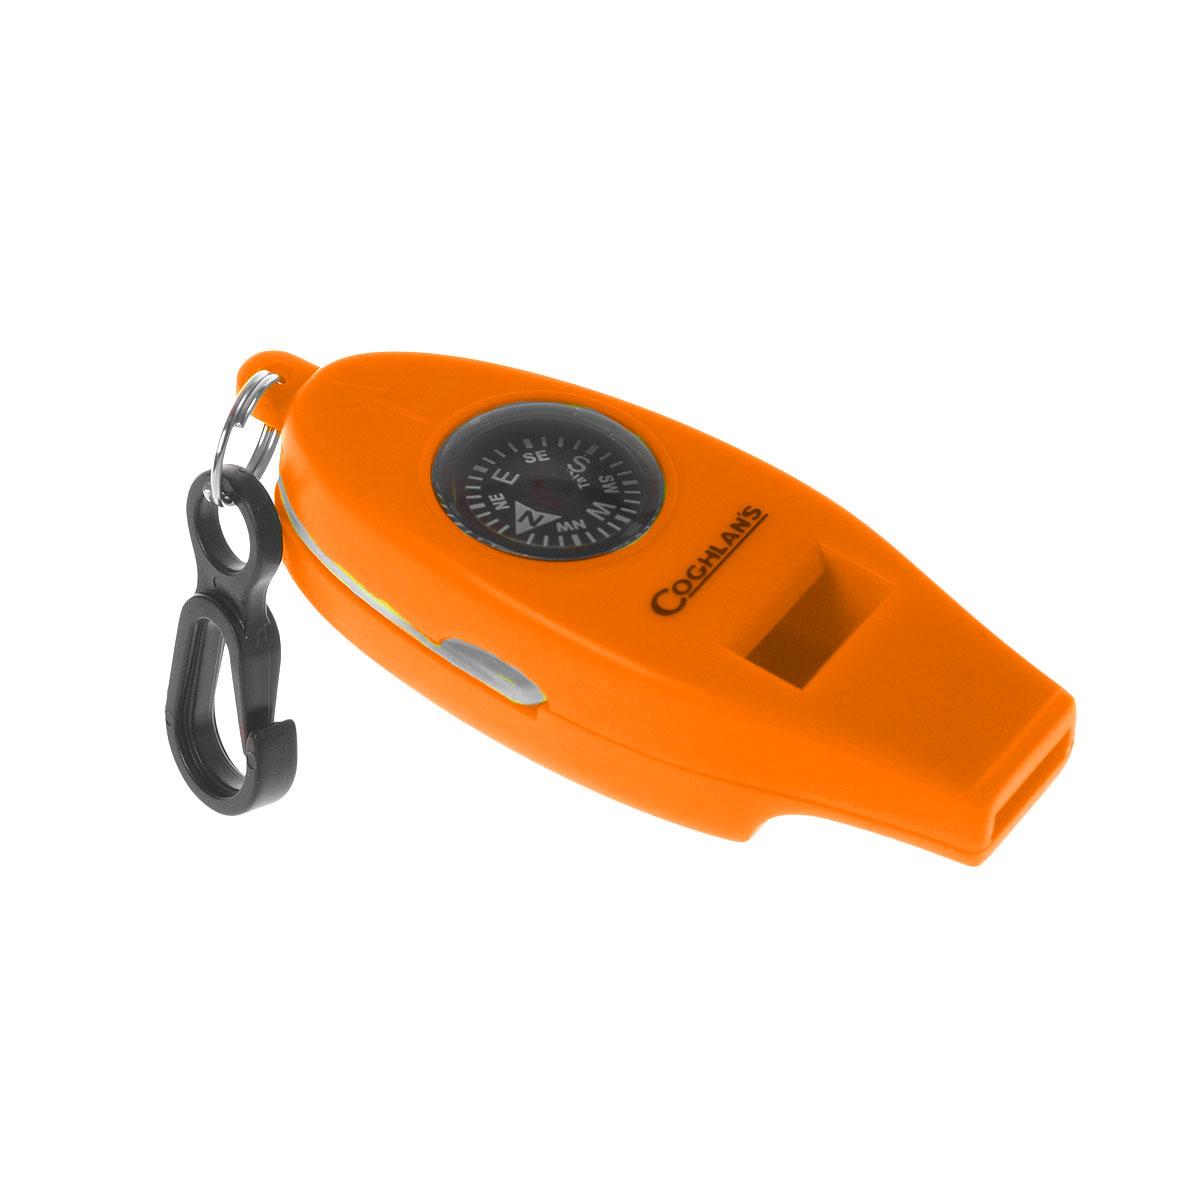 Свисток Coghlans, с четырьмя функциями, цвет: оранжевый0045oУдобный и эффективный в чрезвычайных ситуациях гаджет Coghlans с 4-мя функциями - свисток, термометр, компас и увеличительное стекло для чтения карт. Возьмите с собой в лес, когда пойдете за грибами! Ударопрочный корпус, оснащен надежным карабином для крепления.